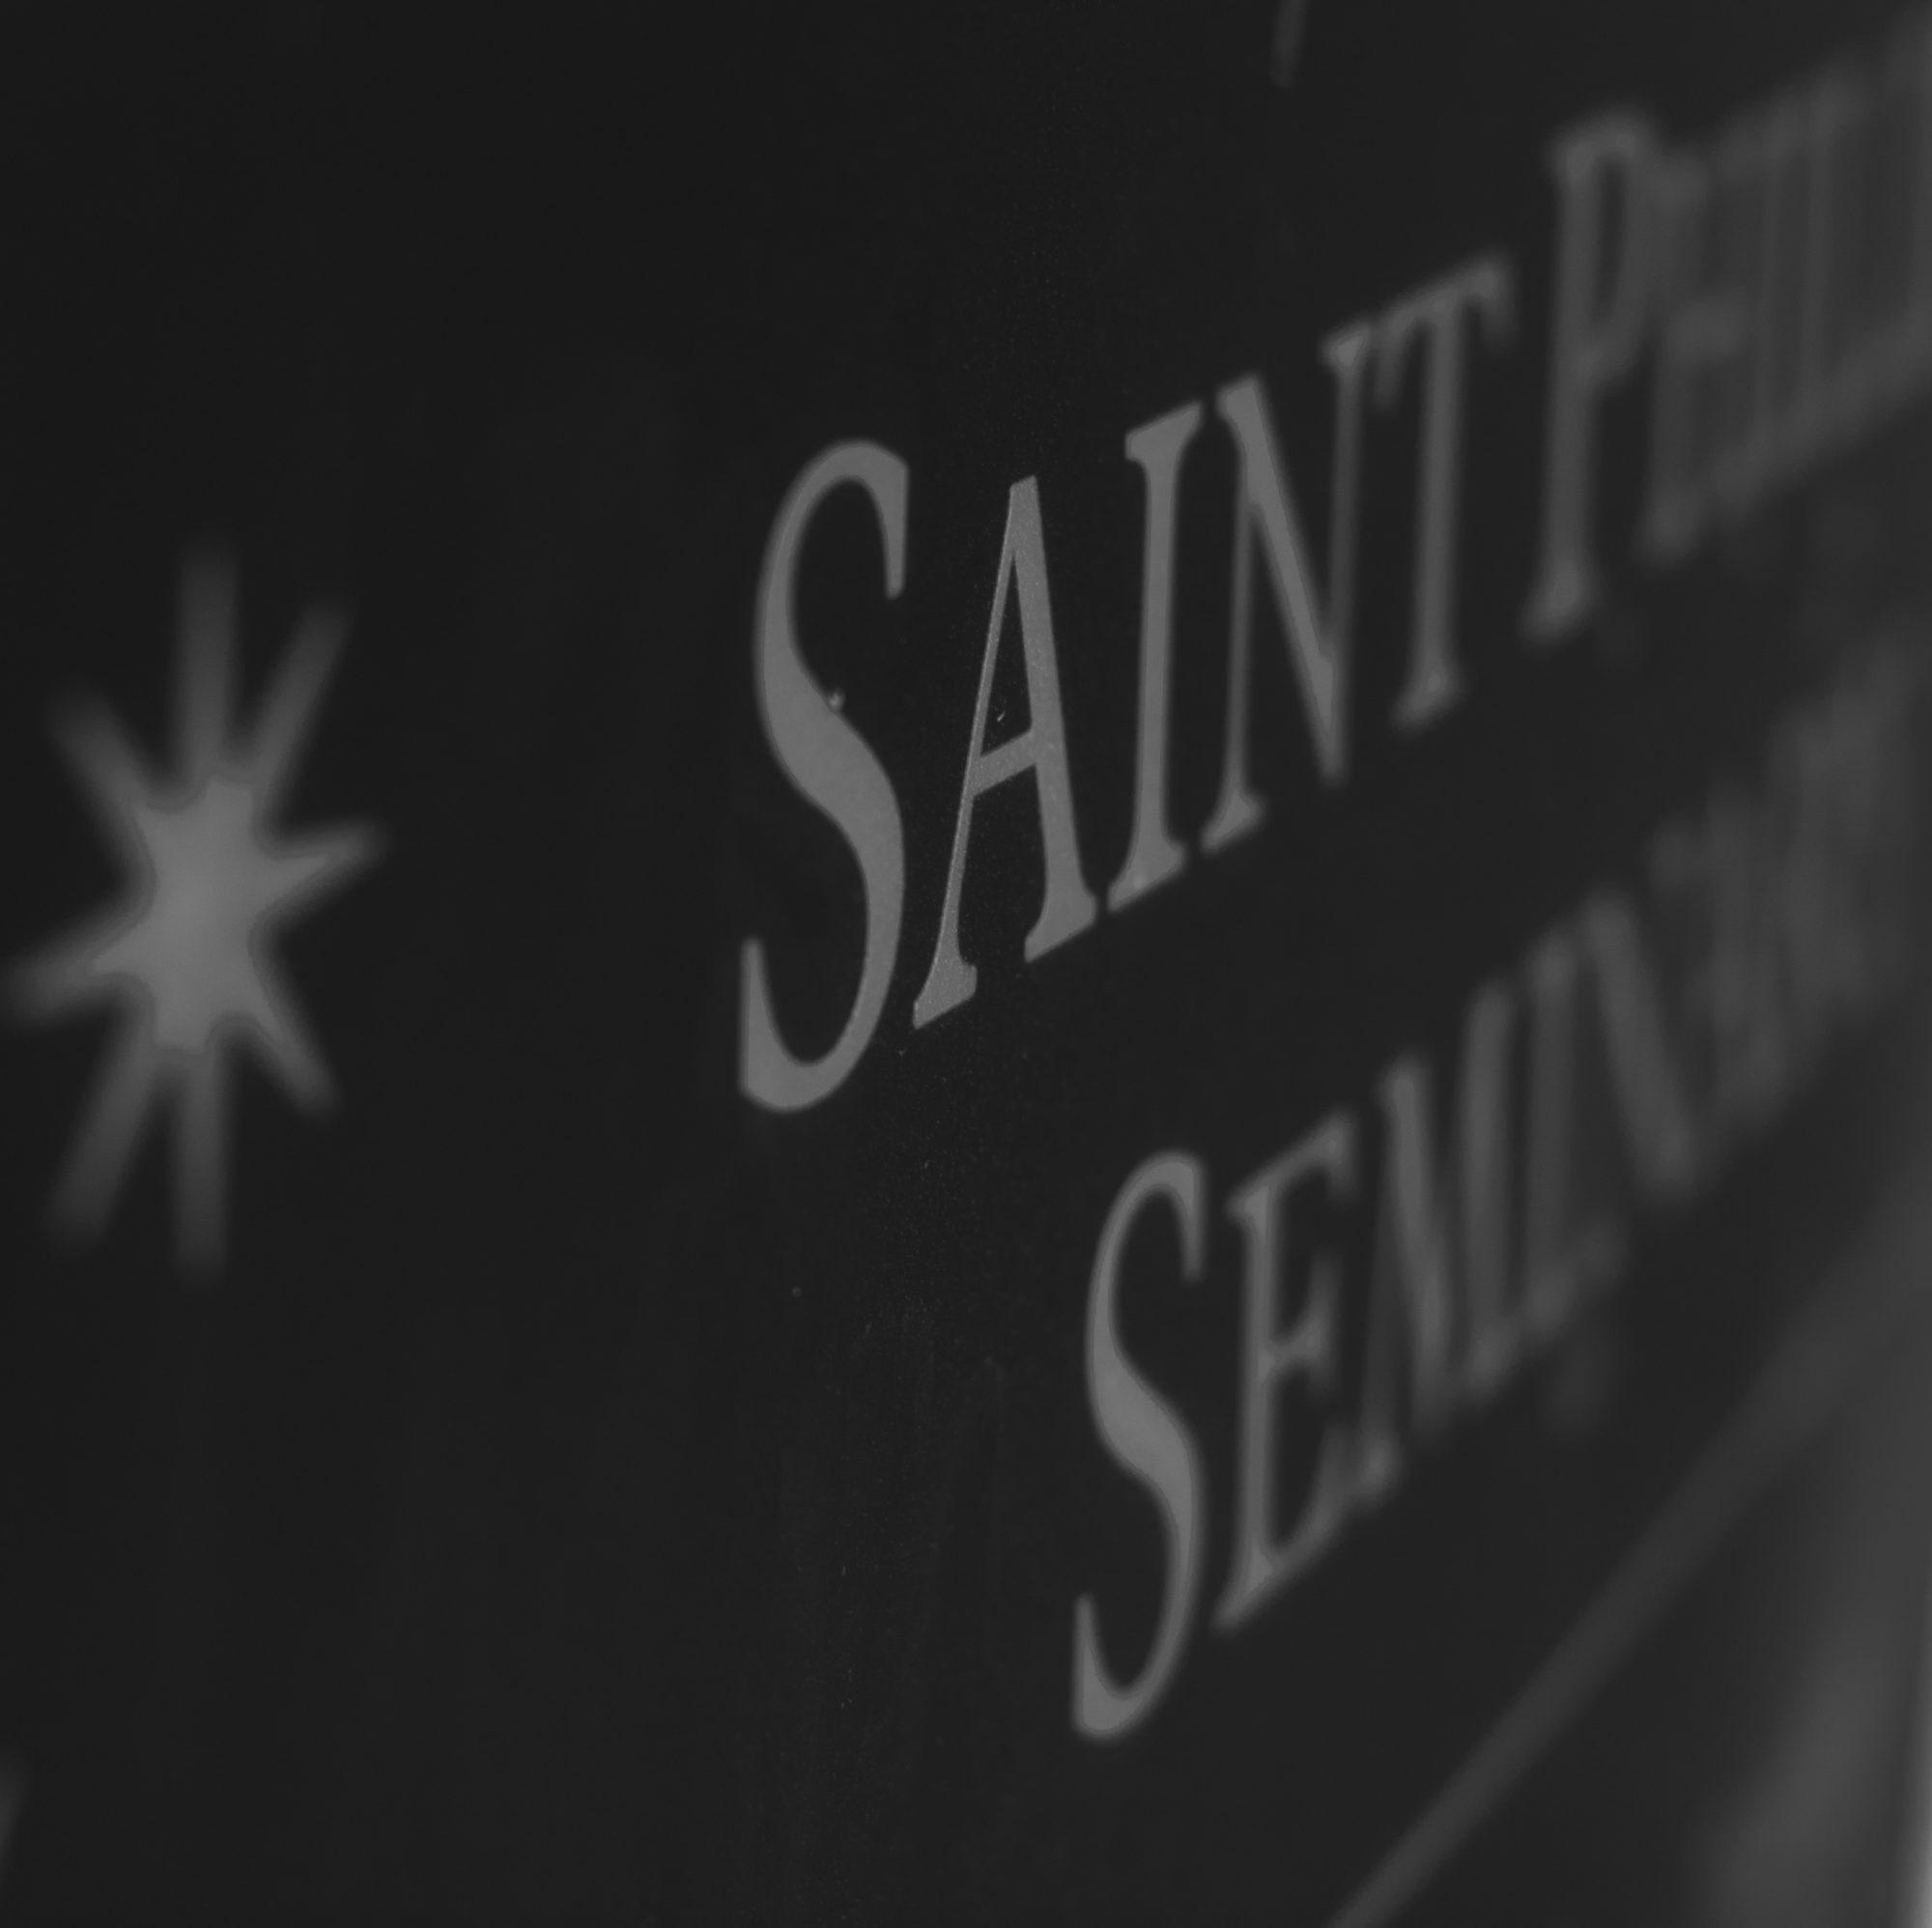 St. Philip's Seminary